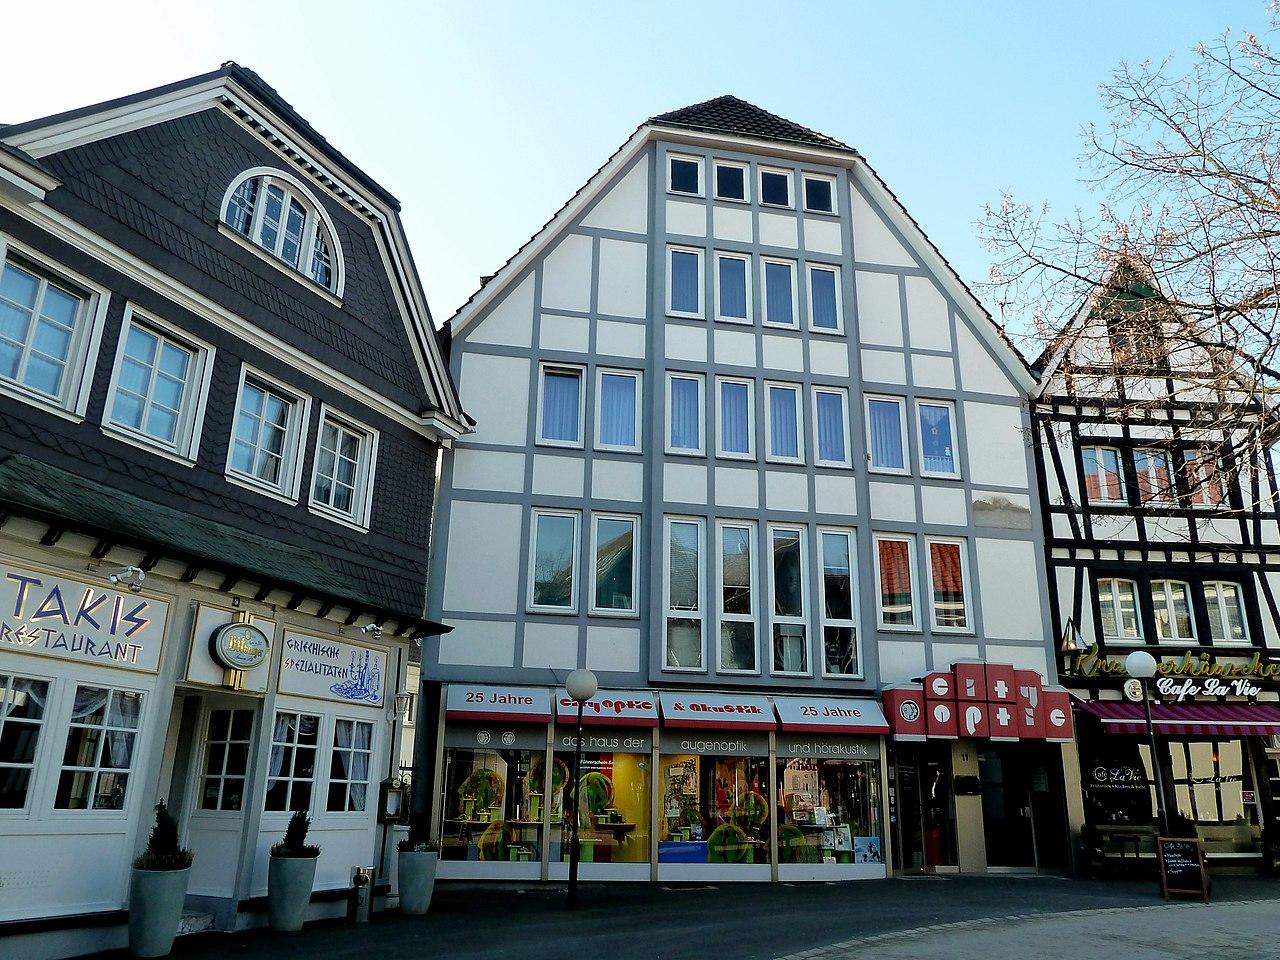 Hattingen – Historische Altstadt Obermarkt - panoramio.jpg